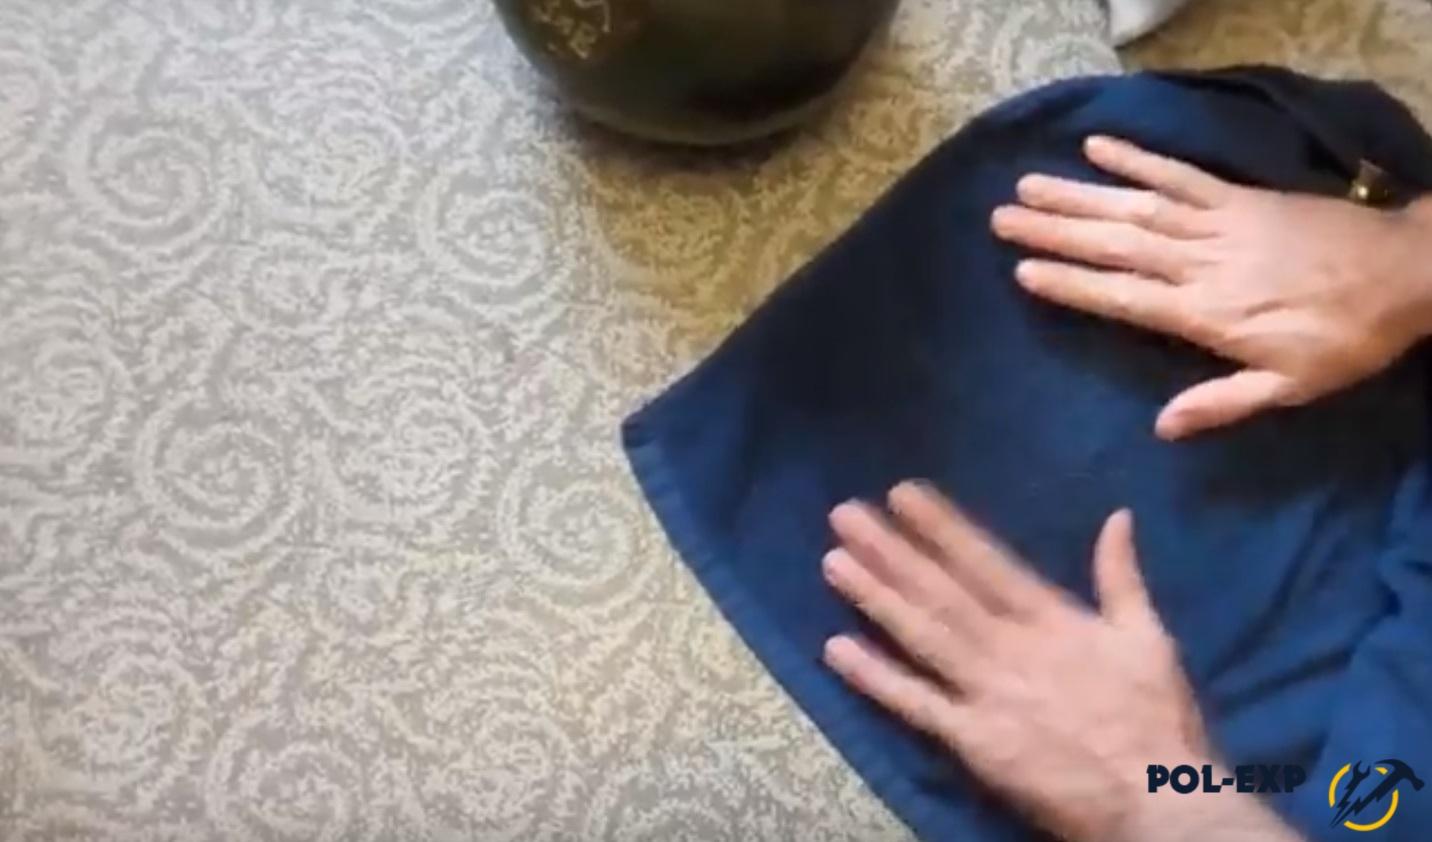 Укладывается махровое полотенце